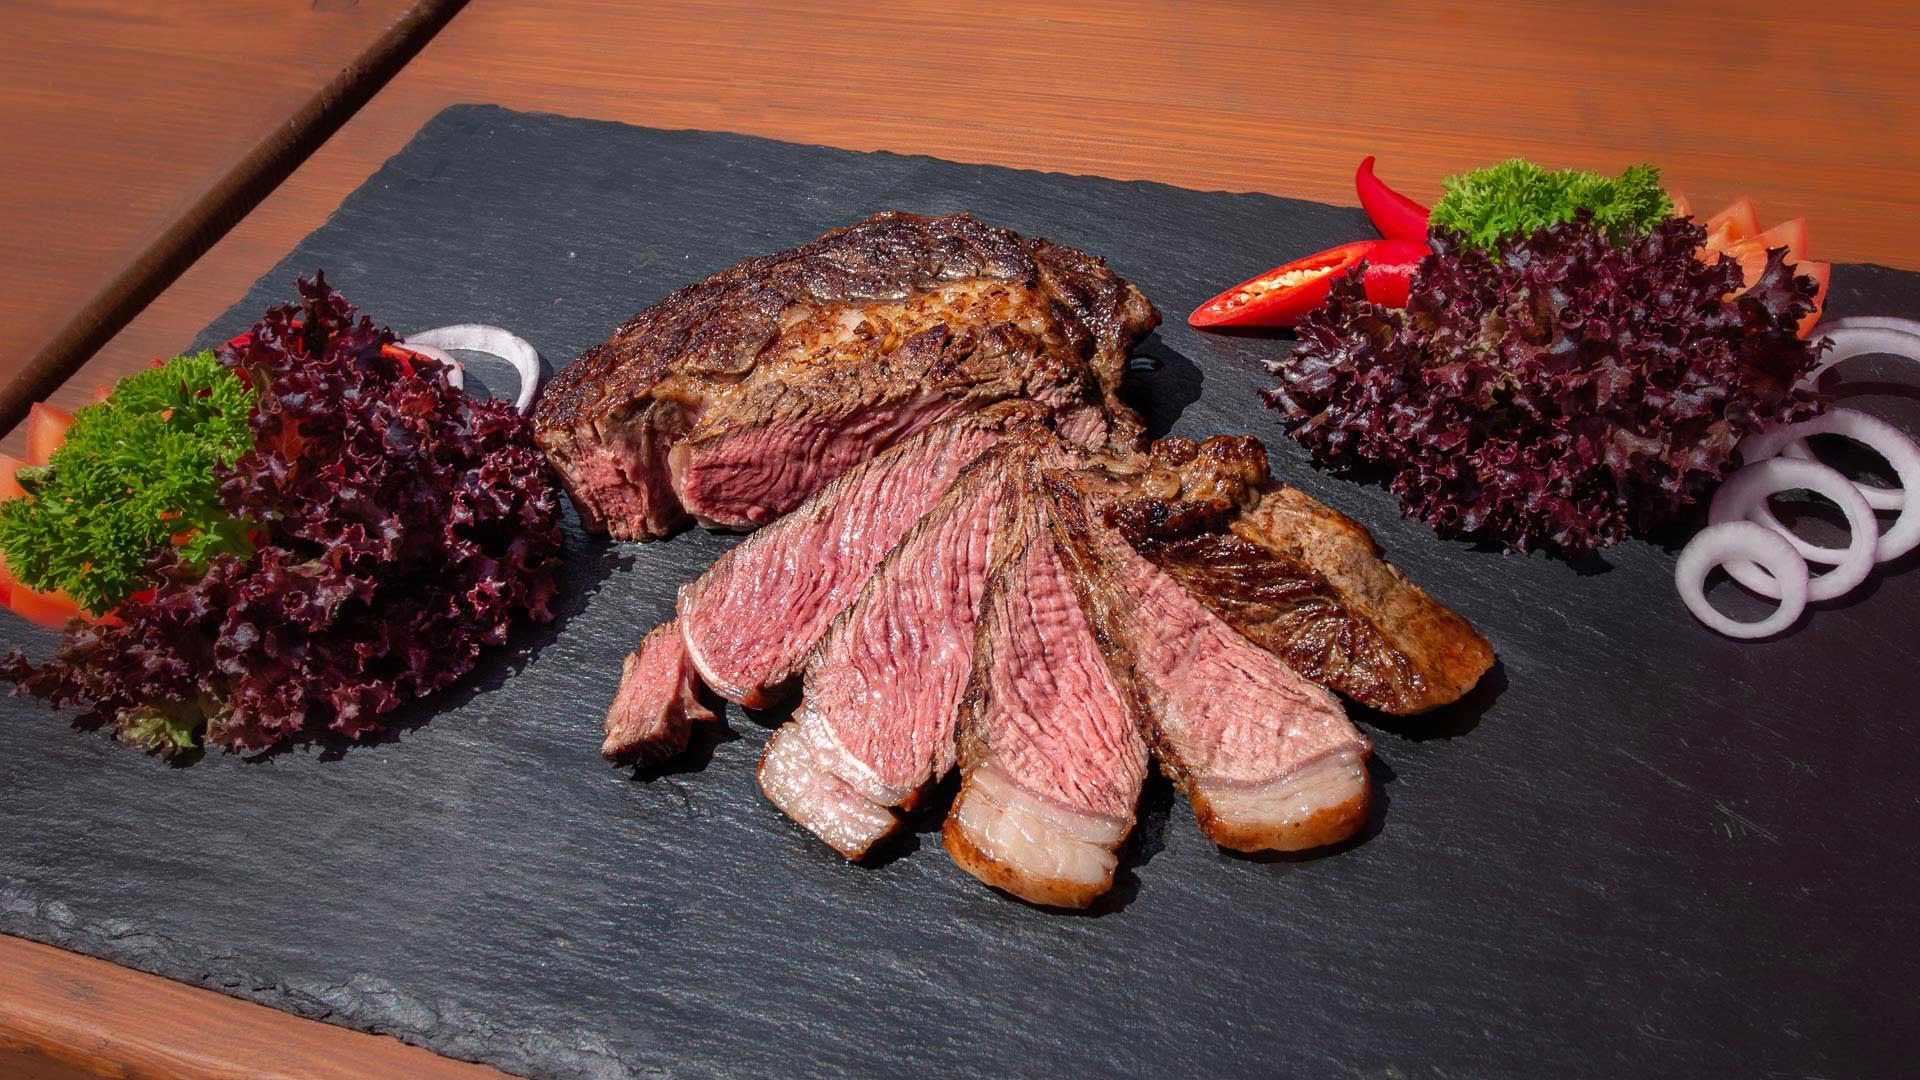 stocks-muelenen-essen-fleisch